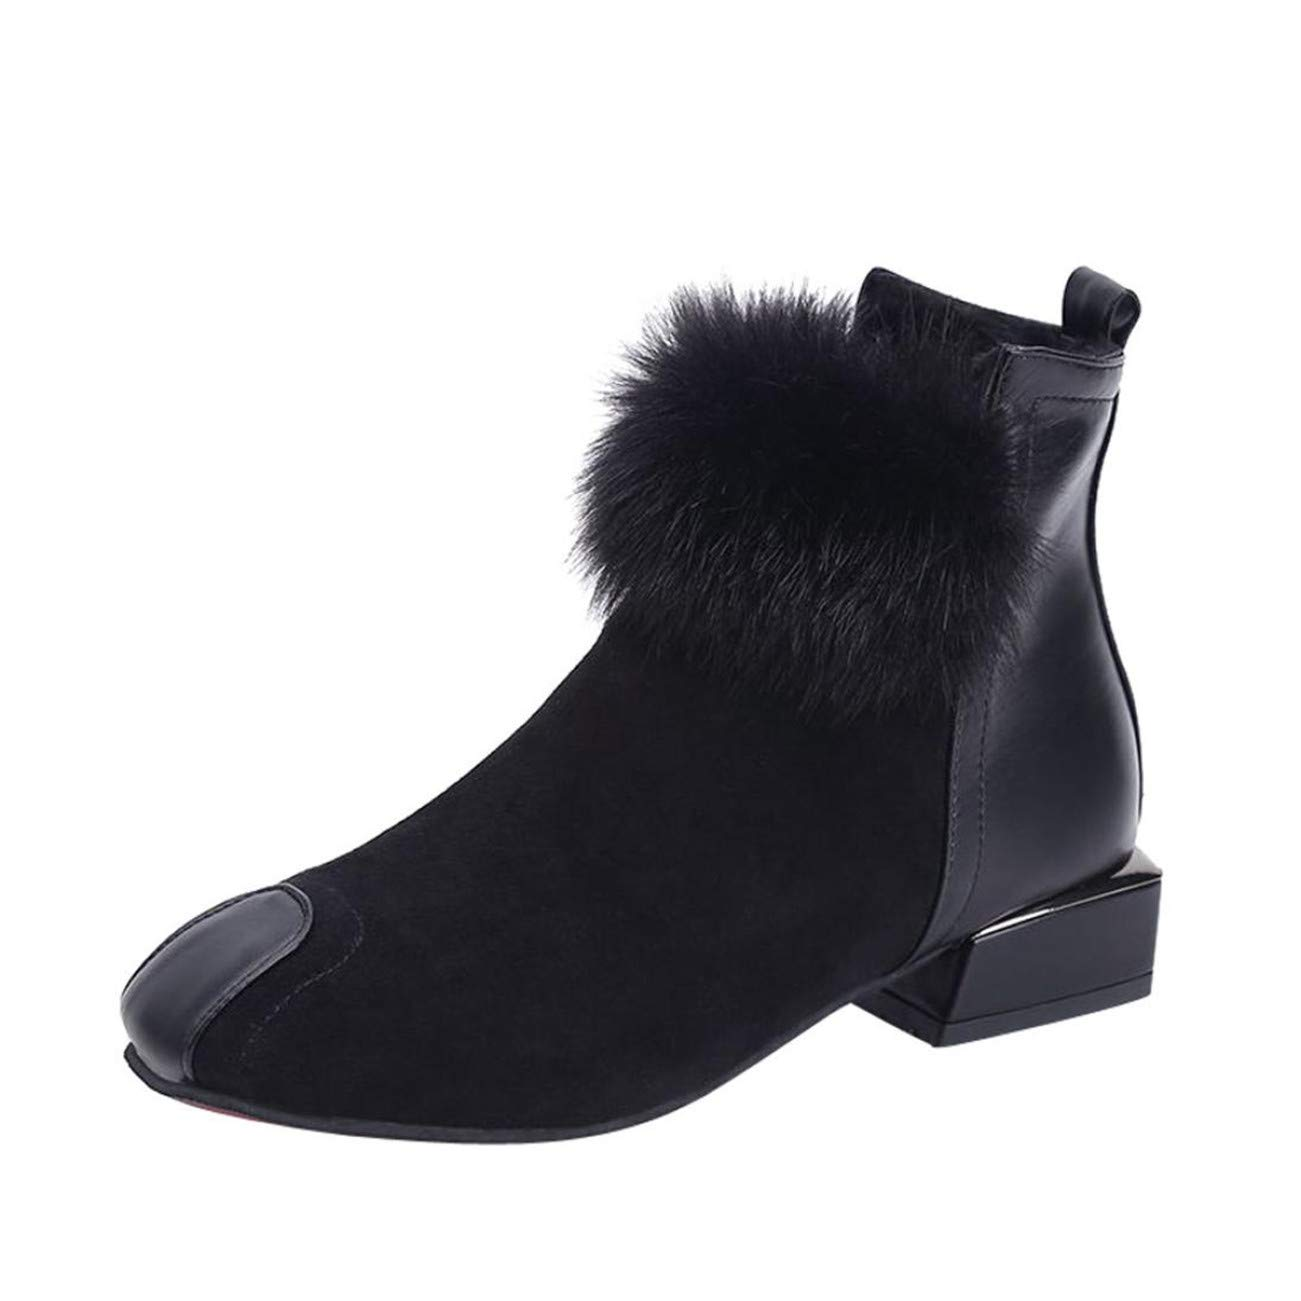 Chaussures De Securite Femmes Femmes Moelleux Fausse Fourrure Chaussures Martain Boots Suede Cheville Bottes Square Toe Boot HCFKJ-Js